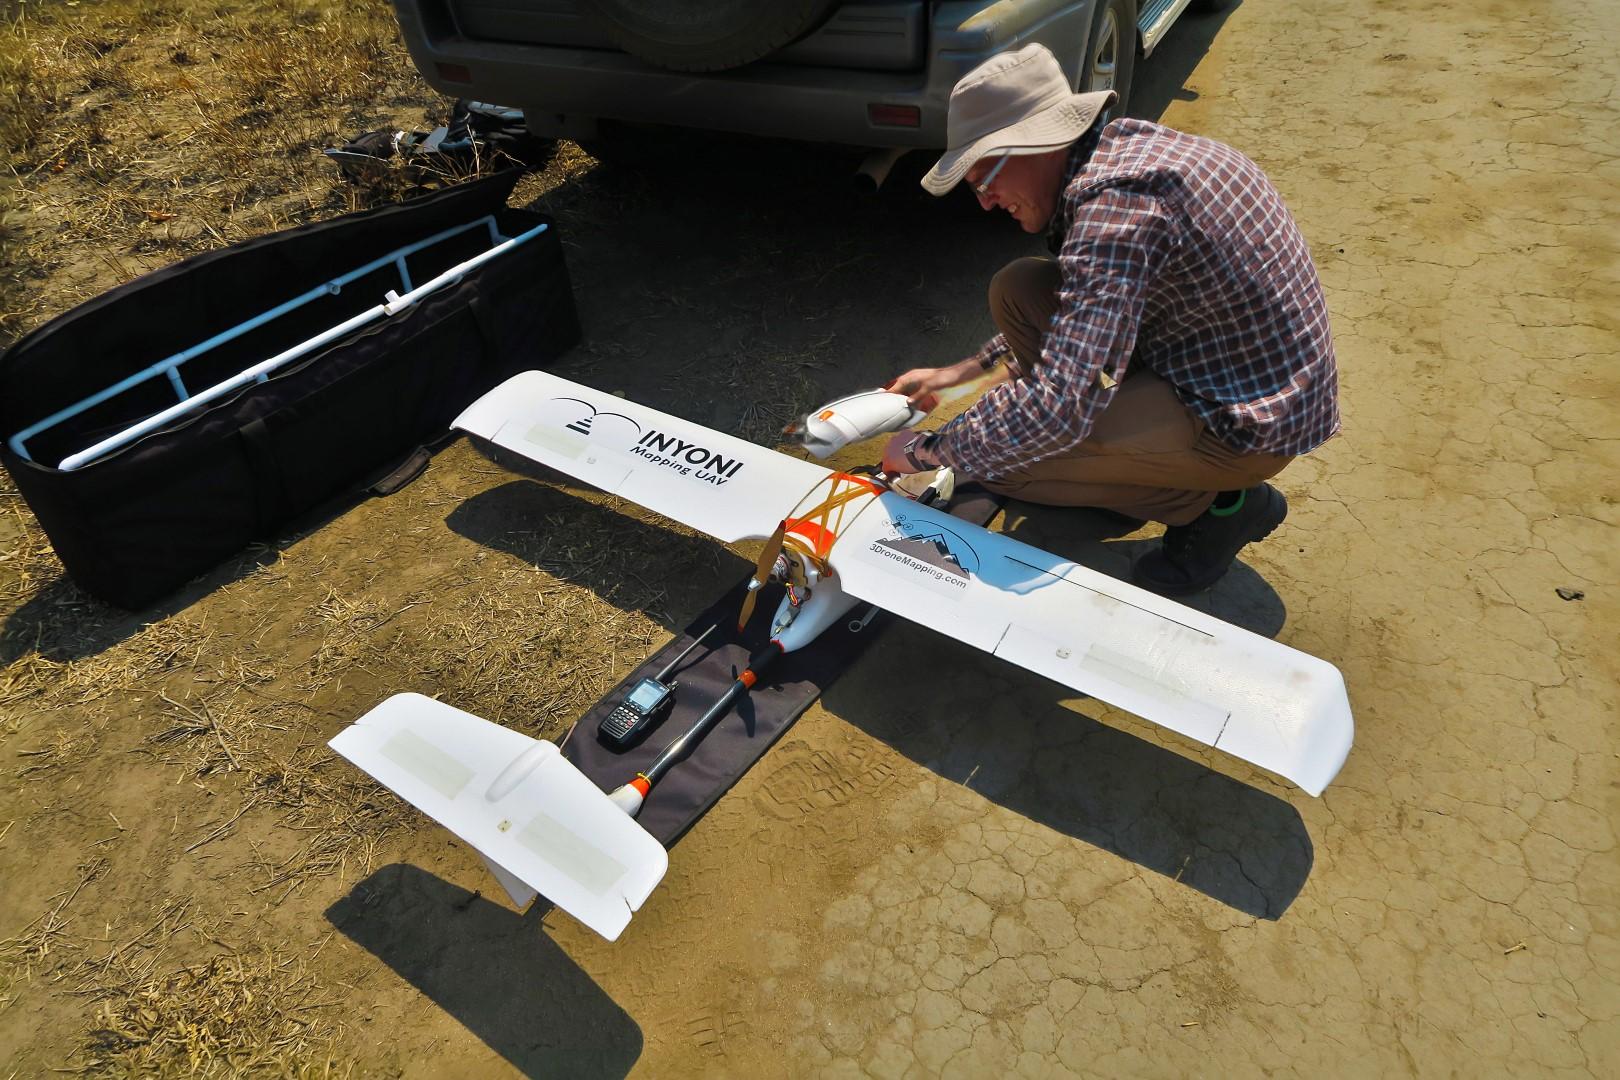 Drone flight preperations